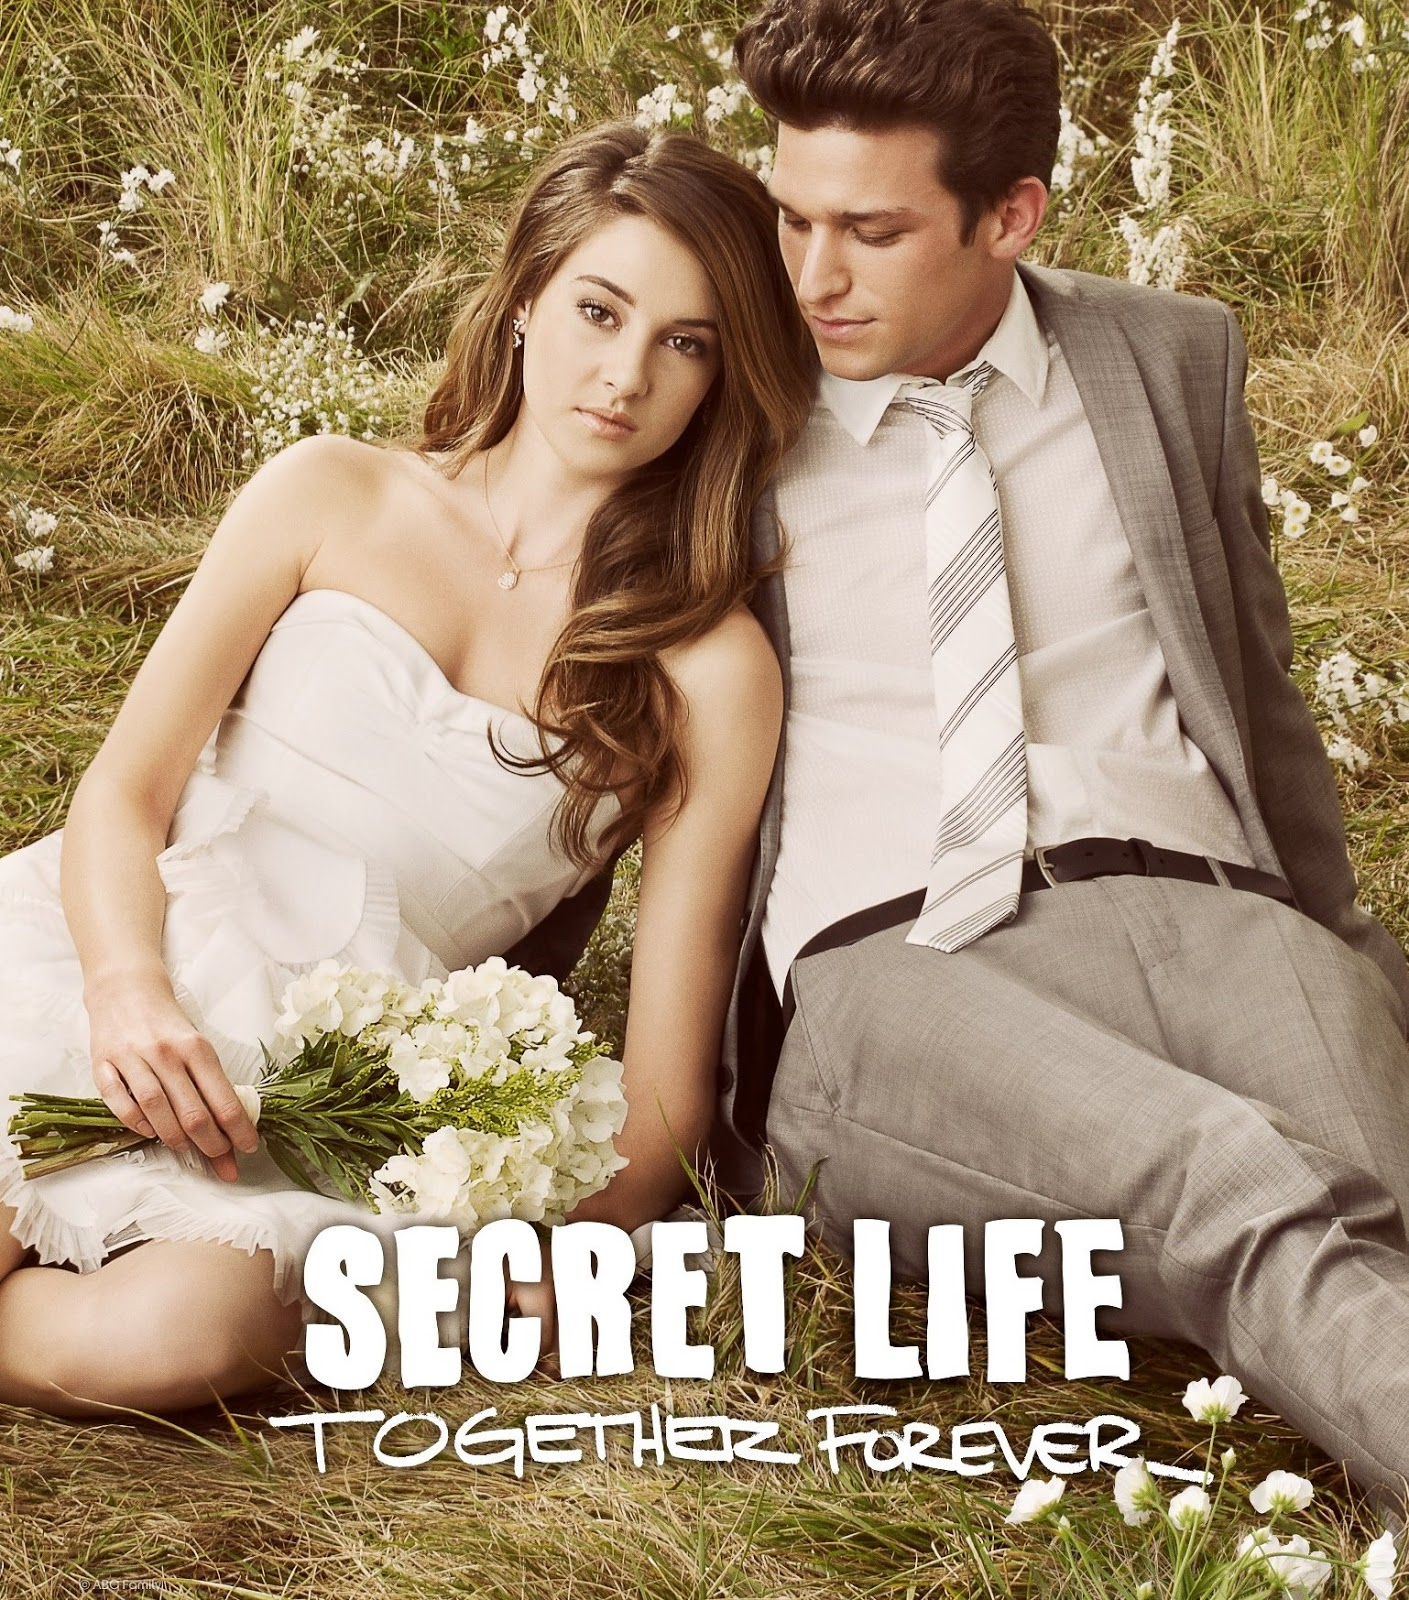 Secret life together forever tumblr